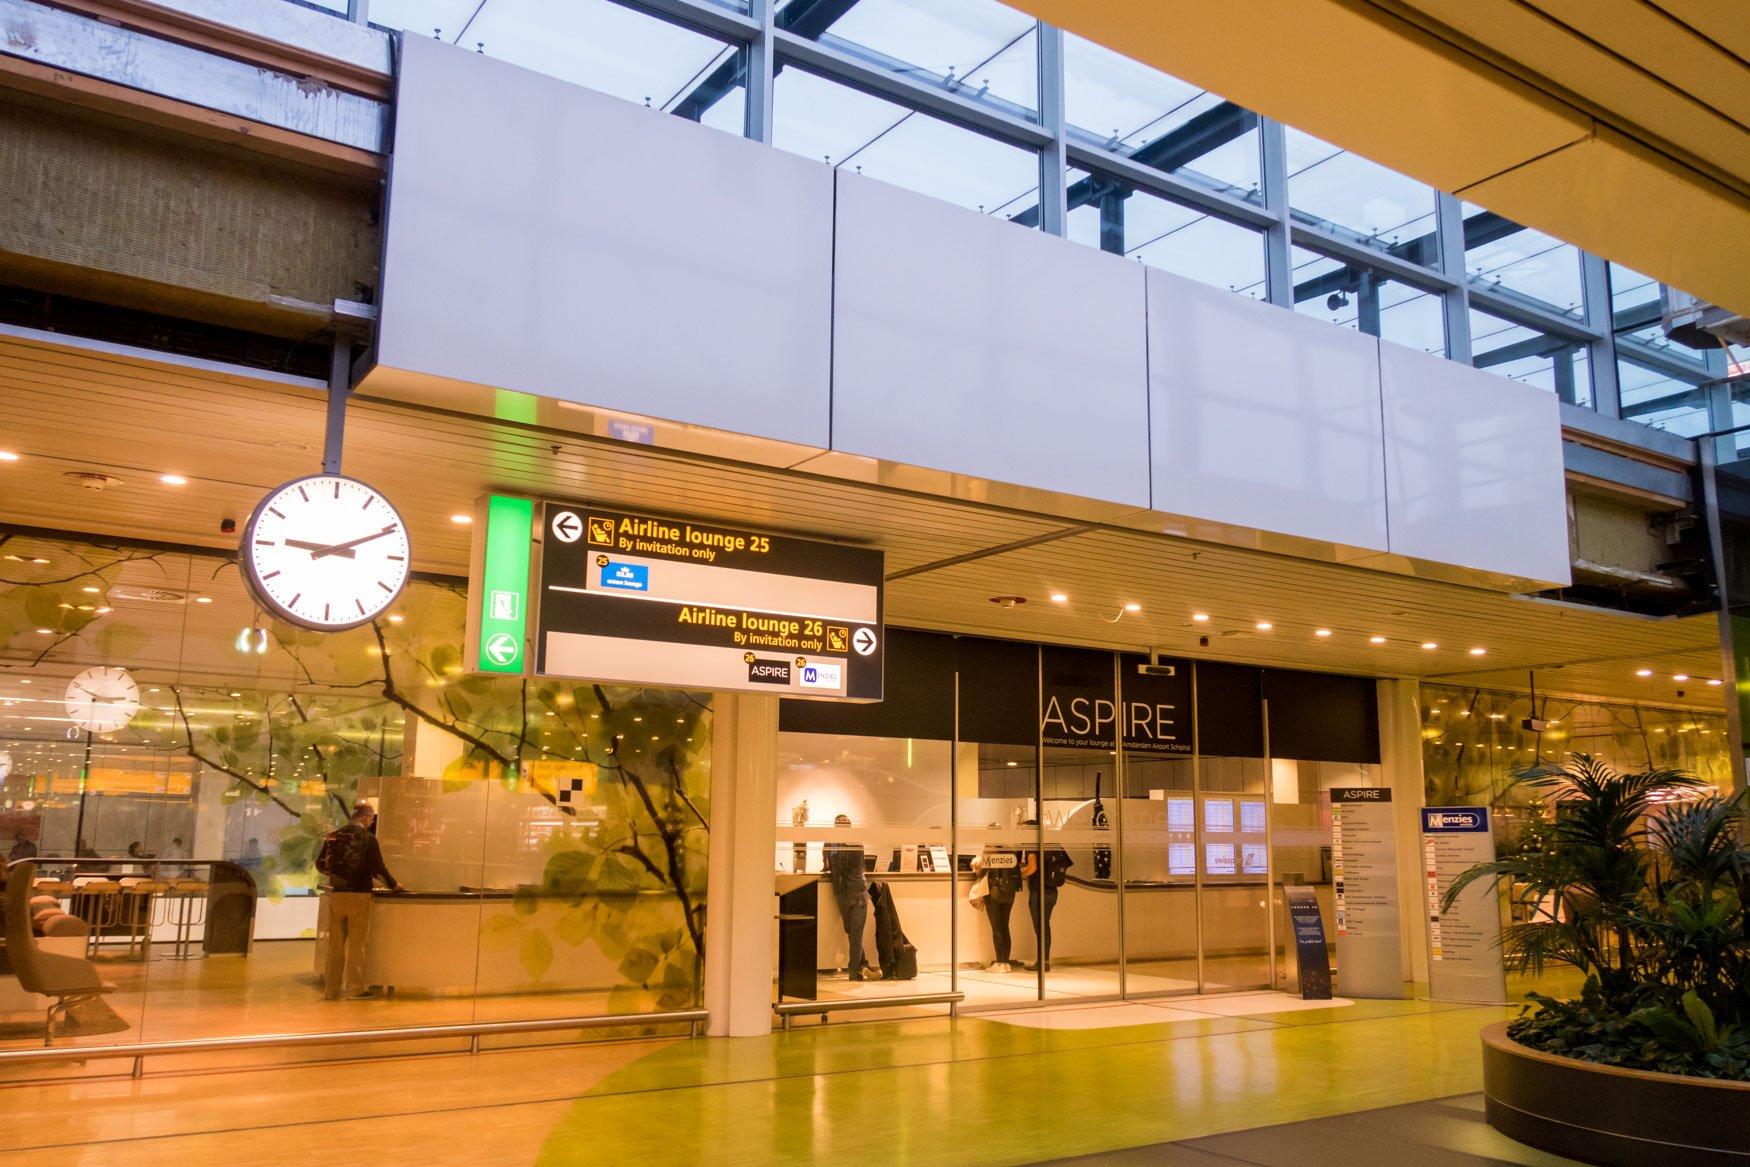 Aspire Lounge Schengen No. 26 Amsterdam Schiphol